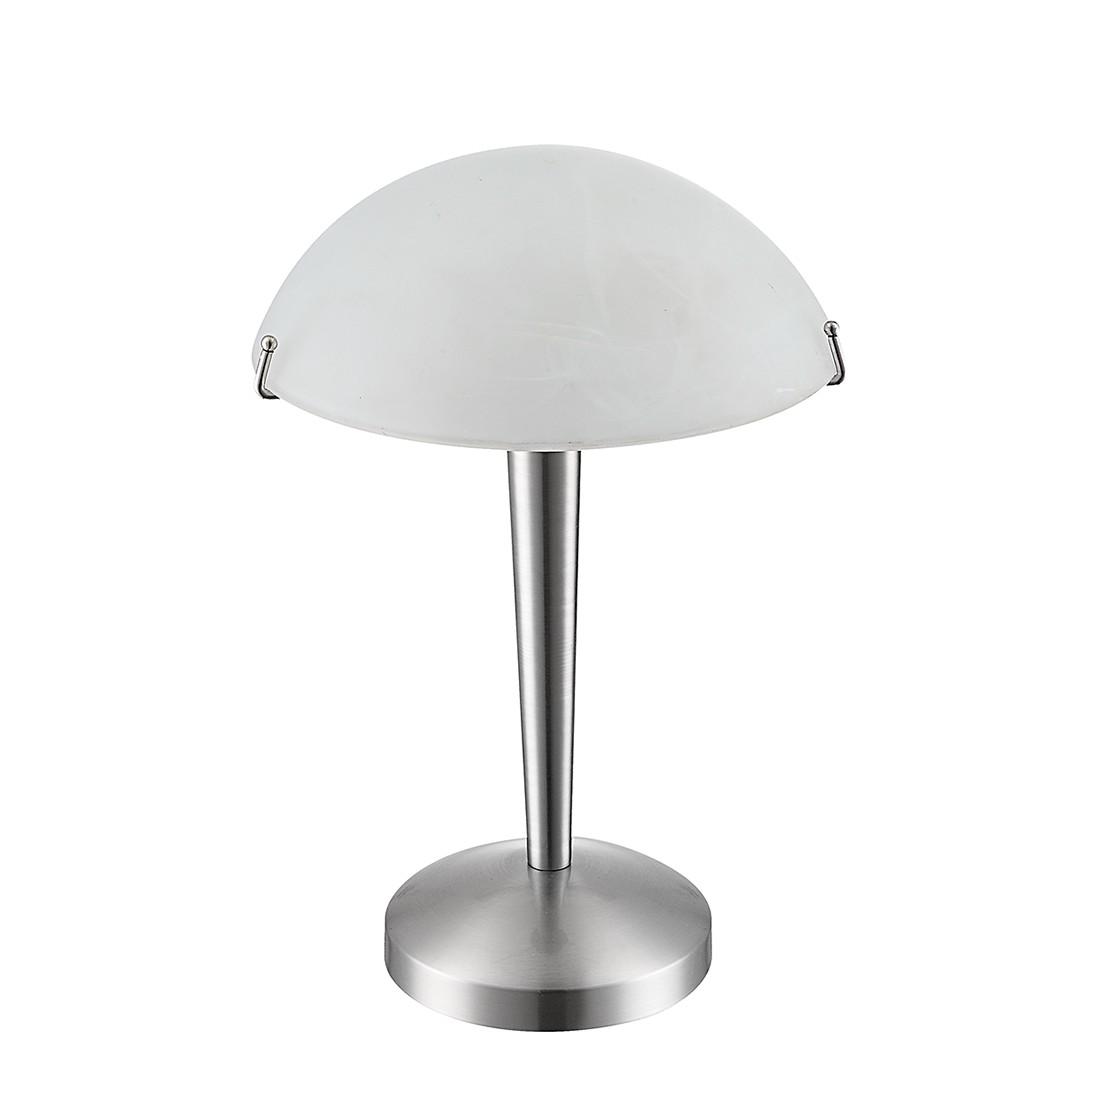 Tischleuchte METZ ● Metall/Glas ● 1-flammig- Action